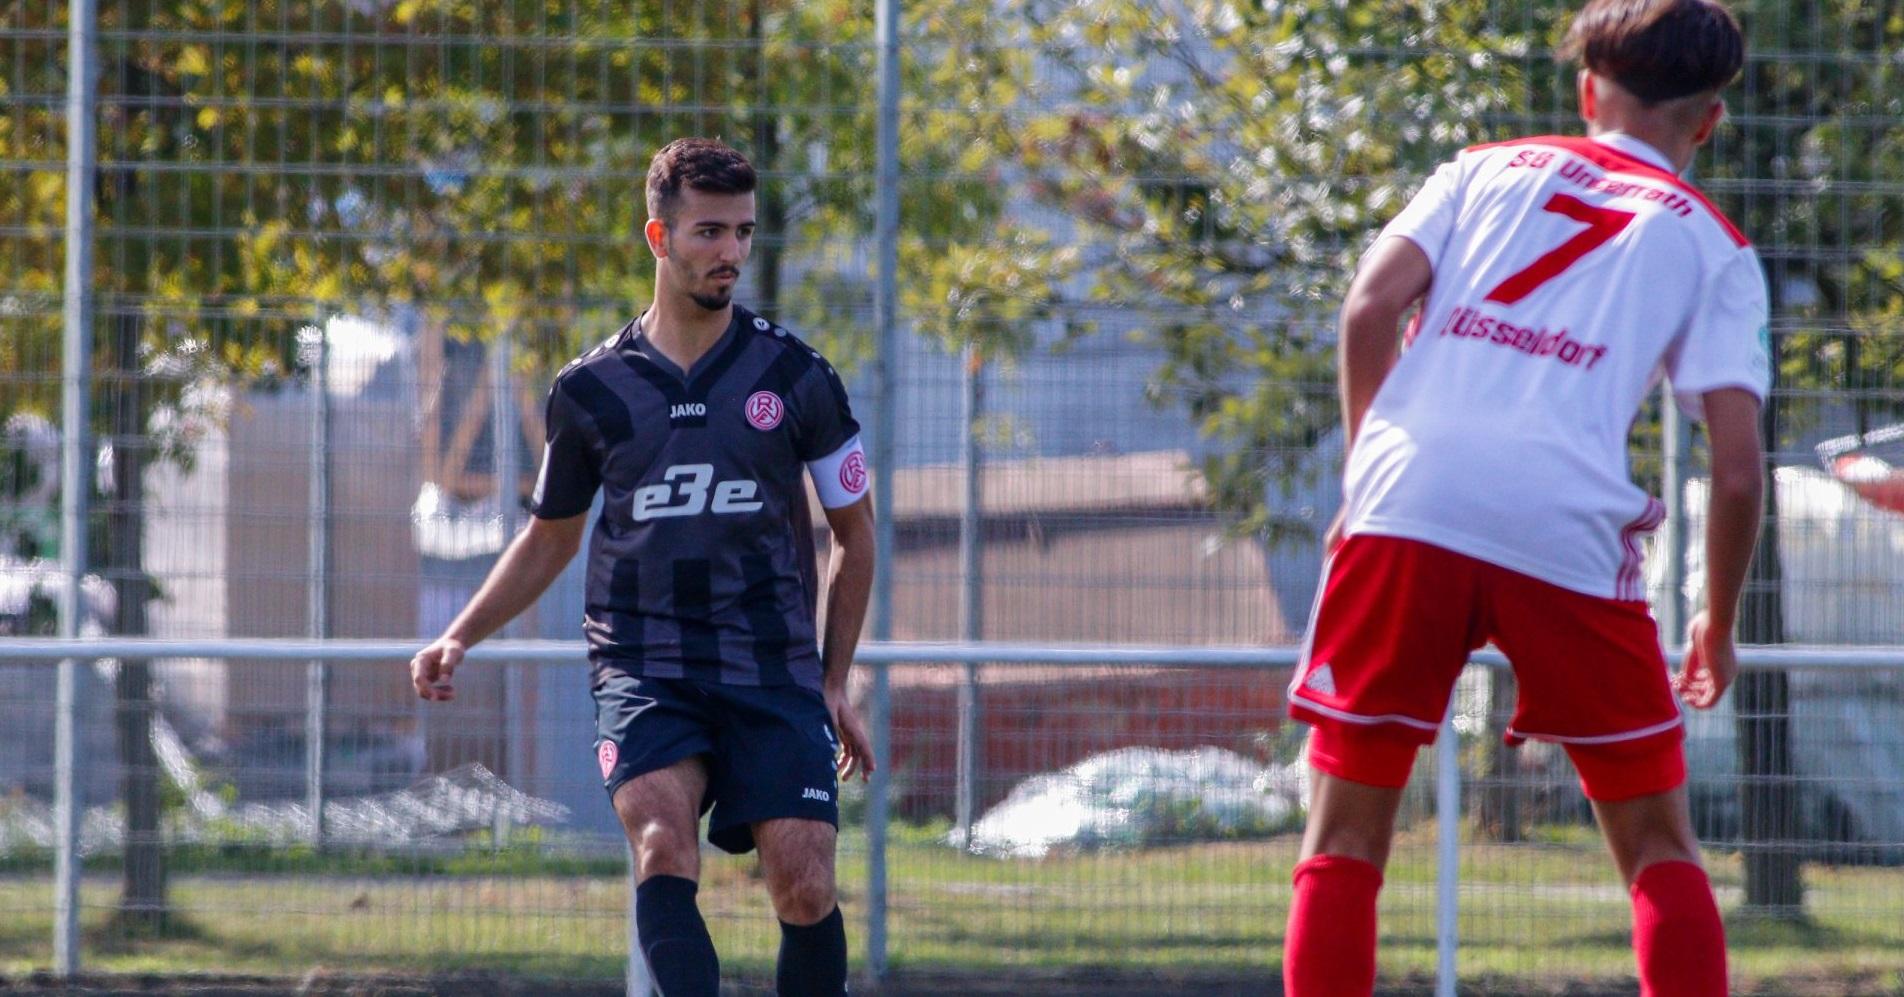 Das Spiel der U19 am kommenden Sonntag wurde auf die Anlage an der Seumannstraße verlegt. Anstoß ist um 13.30 Uhr. (Foto:Breilmannswiese)